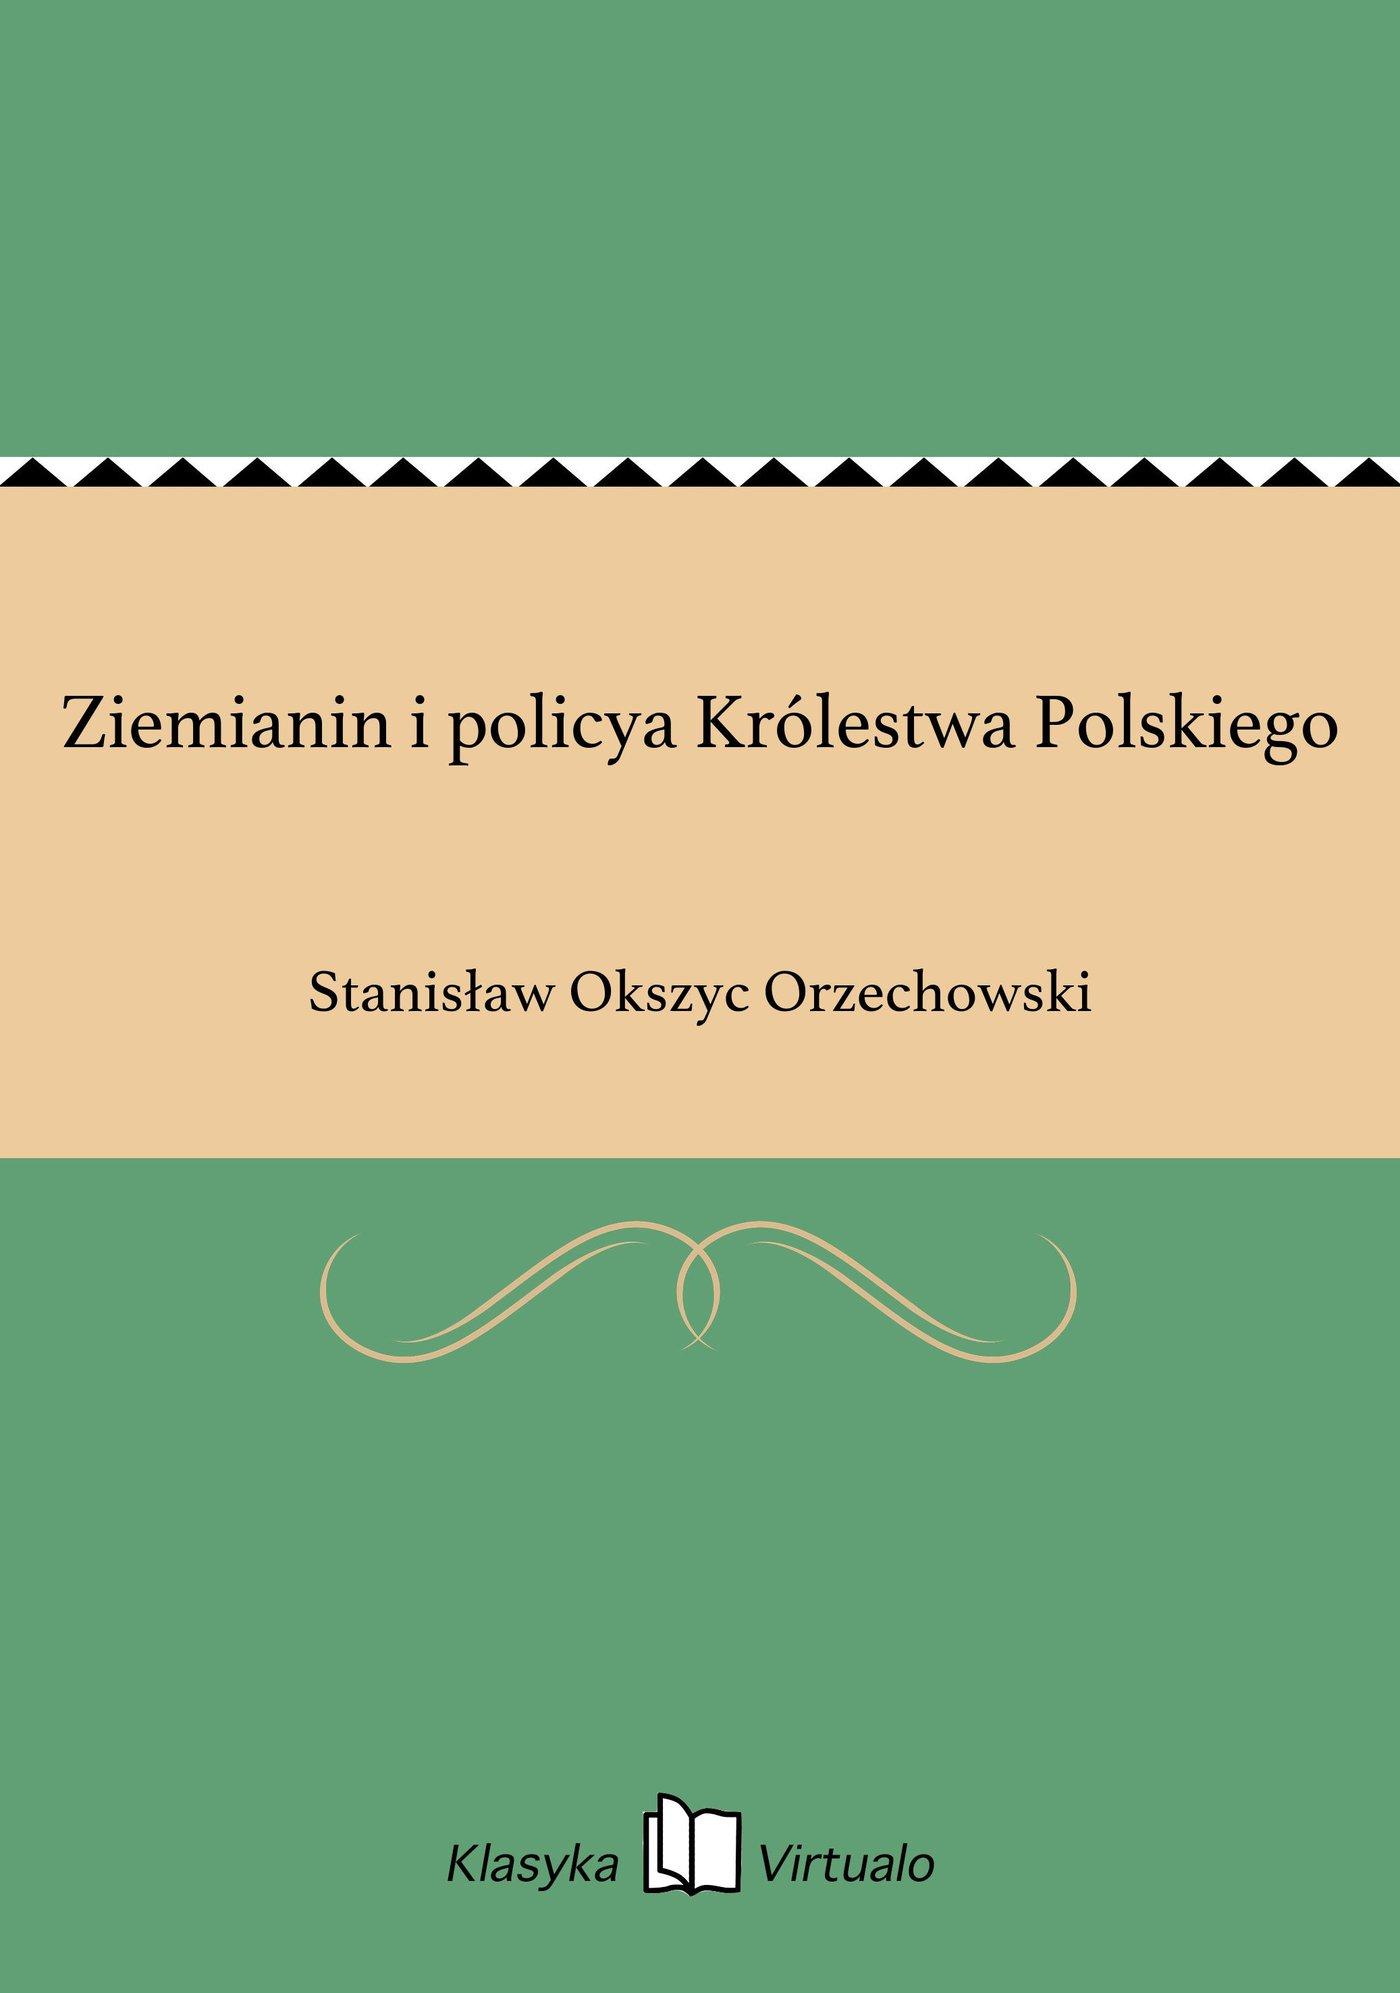 Ziemianin i policya Królestwa Polskiego - Ebook (Książka EPUB) do pobrania w formacie EPUB